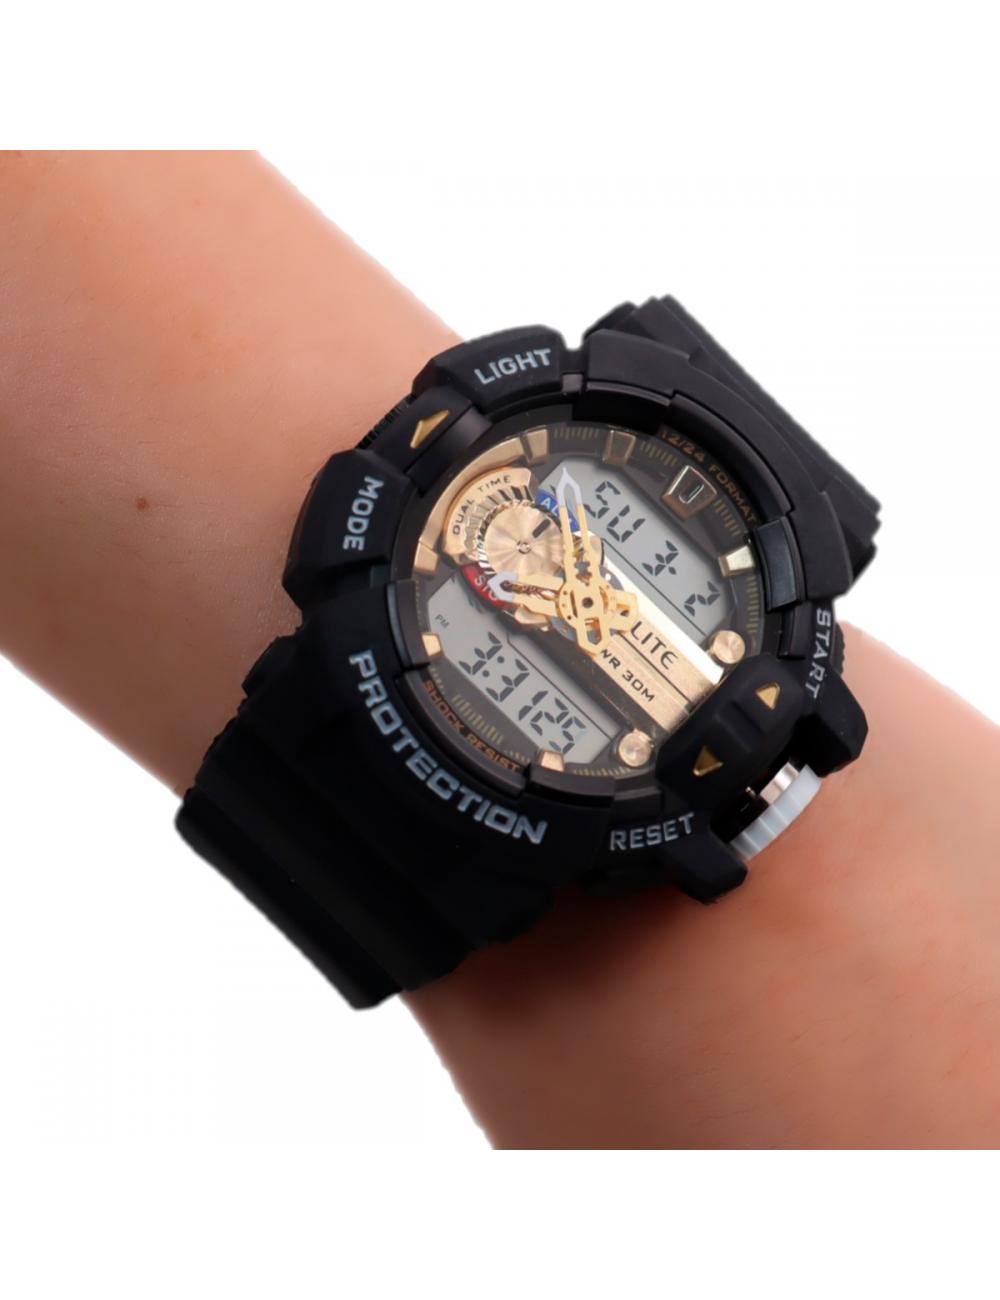 Reloj Elite Dayoshop 99,900.00